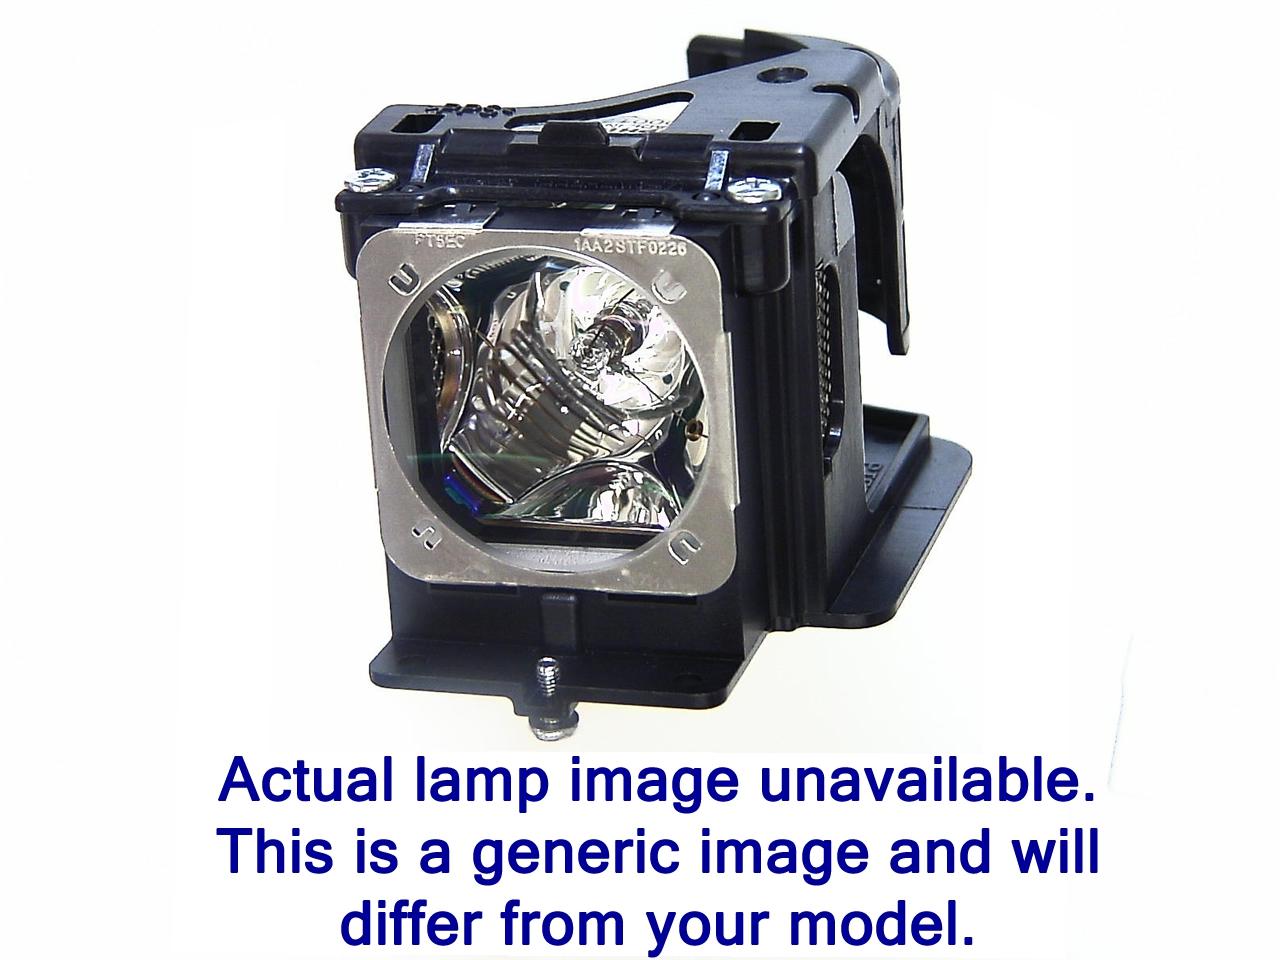 Diamond Lámpara For GEHA C 212 Proyector.